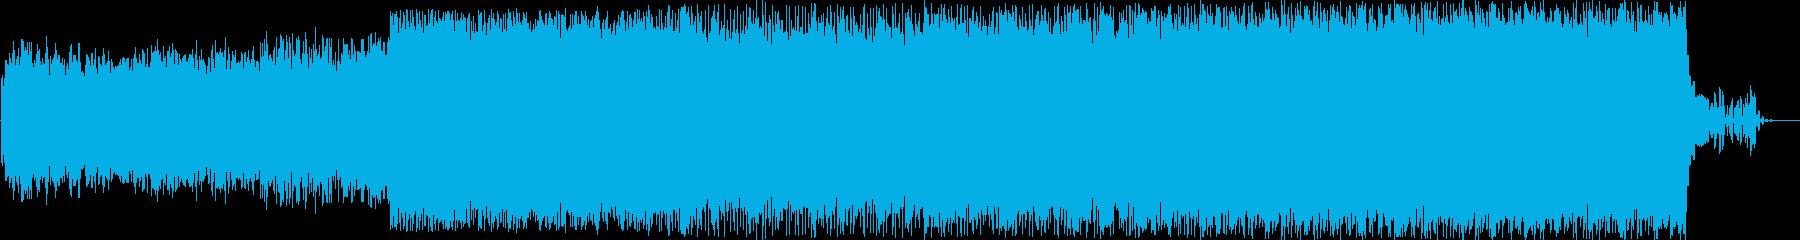 宇宙系近未来エレクトロニカの再生済みの波形